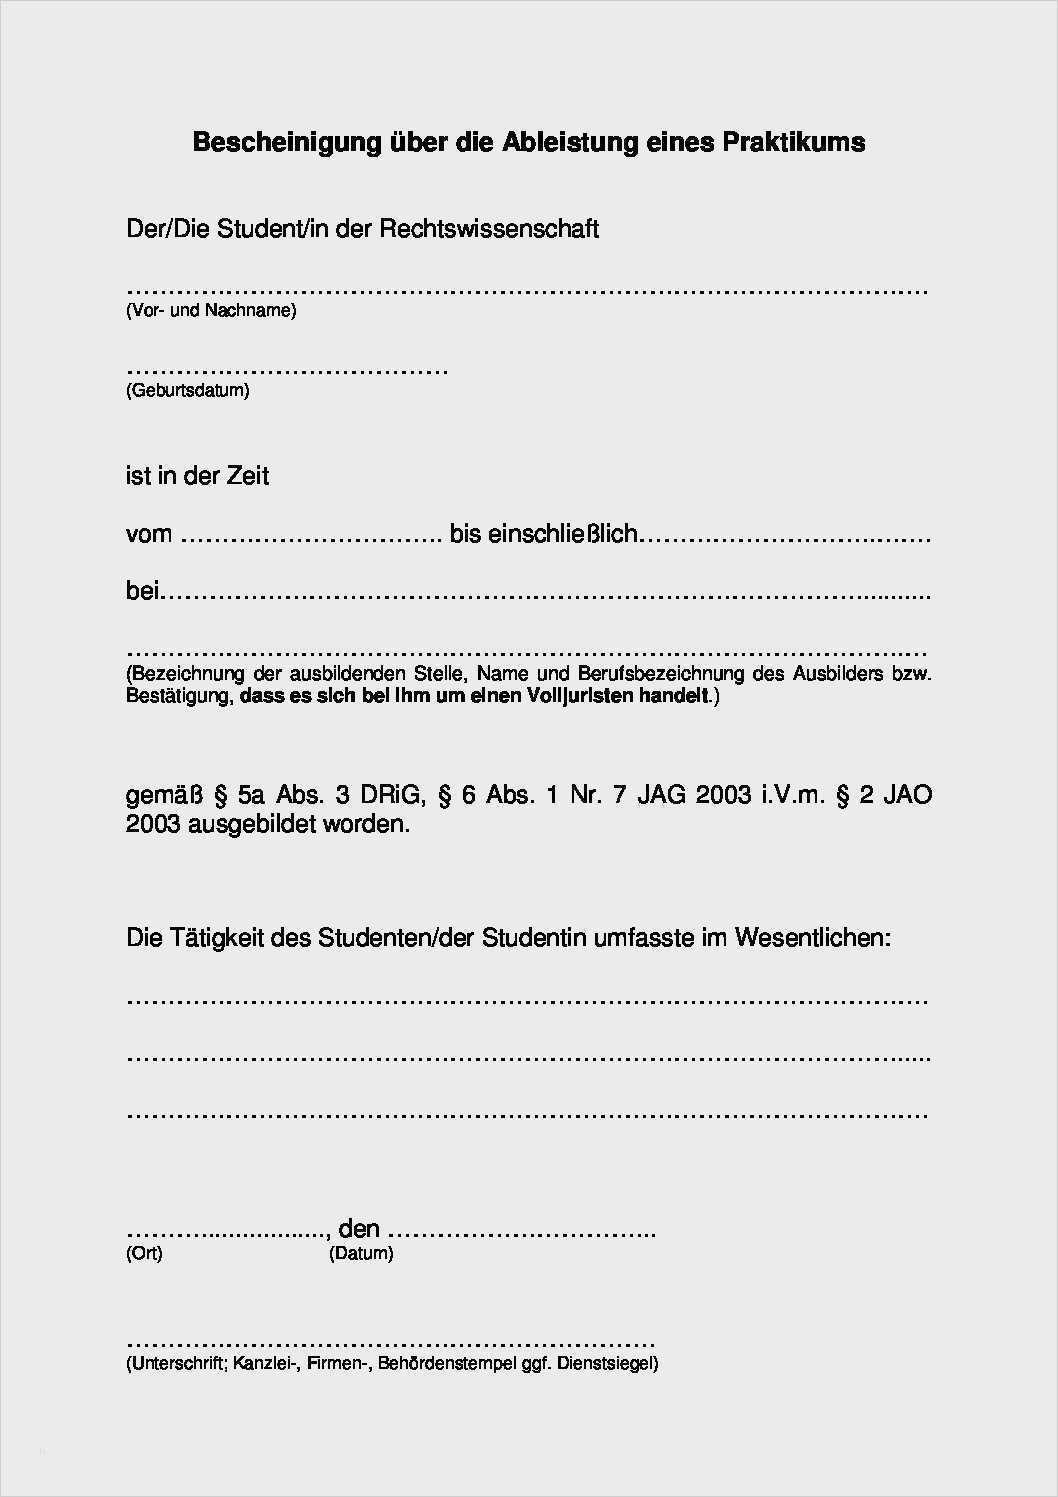 Wunderbar Praktikumsbescheinigung Schulerpraktikum Vorlage Sie Konnen Adaptieren Fur Ihre Wic In 2020 Bescheinigung Vorlagen Schuler